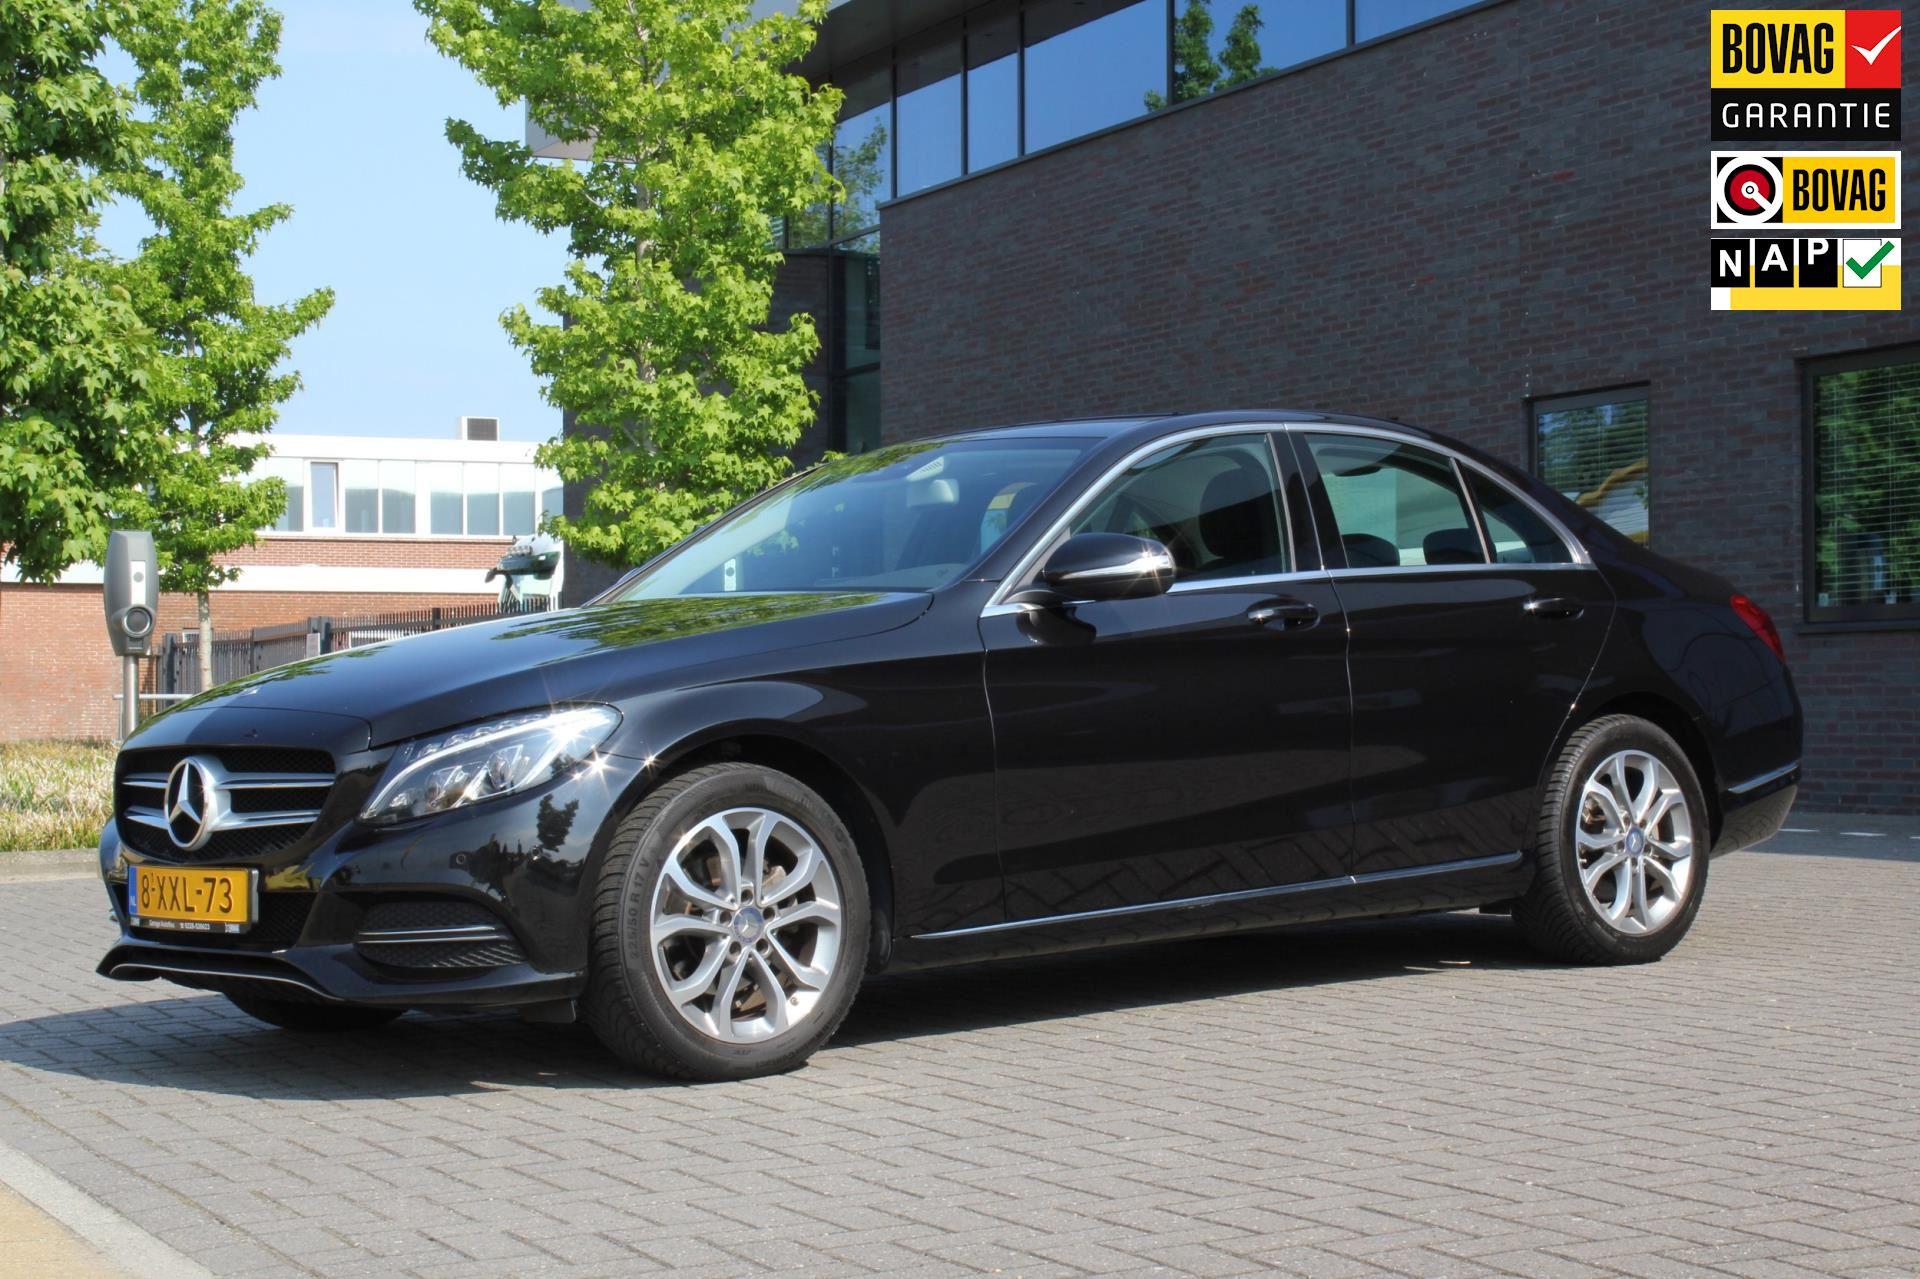 Mercedes-Benz C-klasse occasion - Autoflex Grootebroek